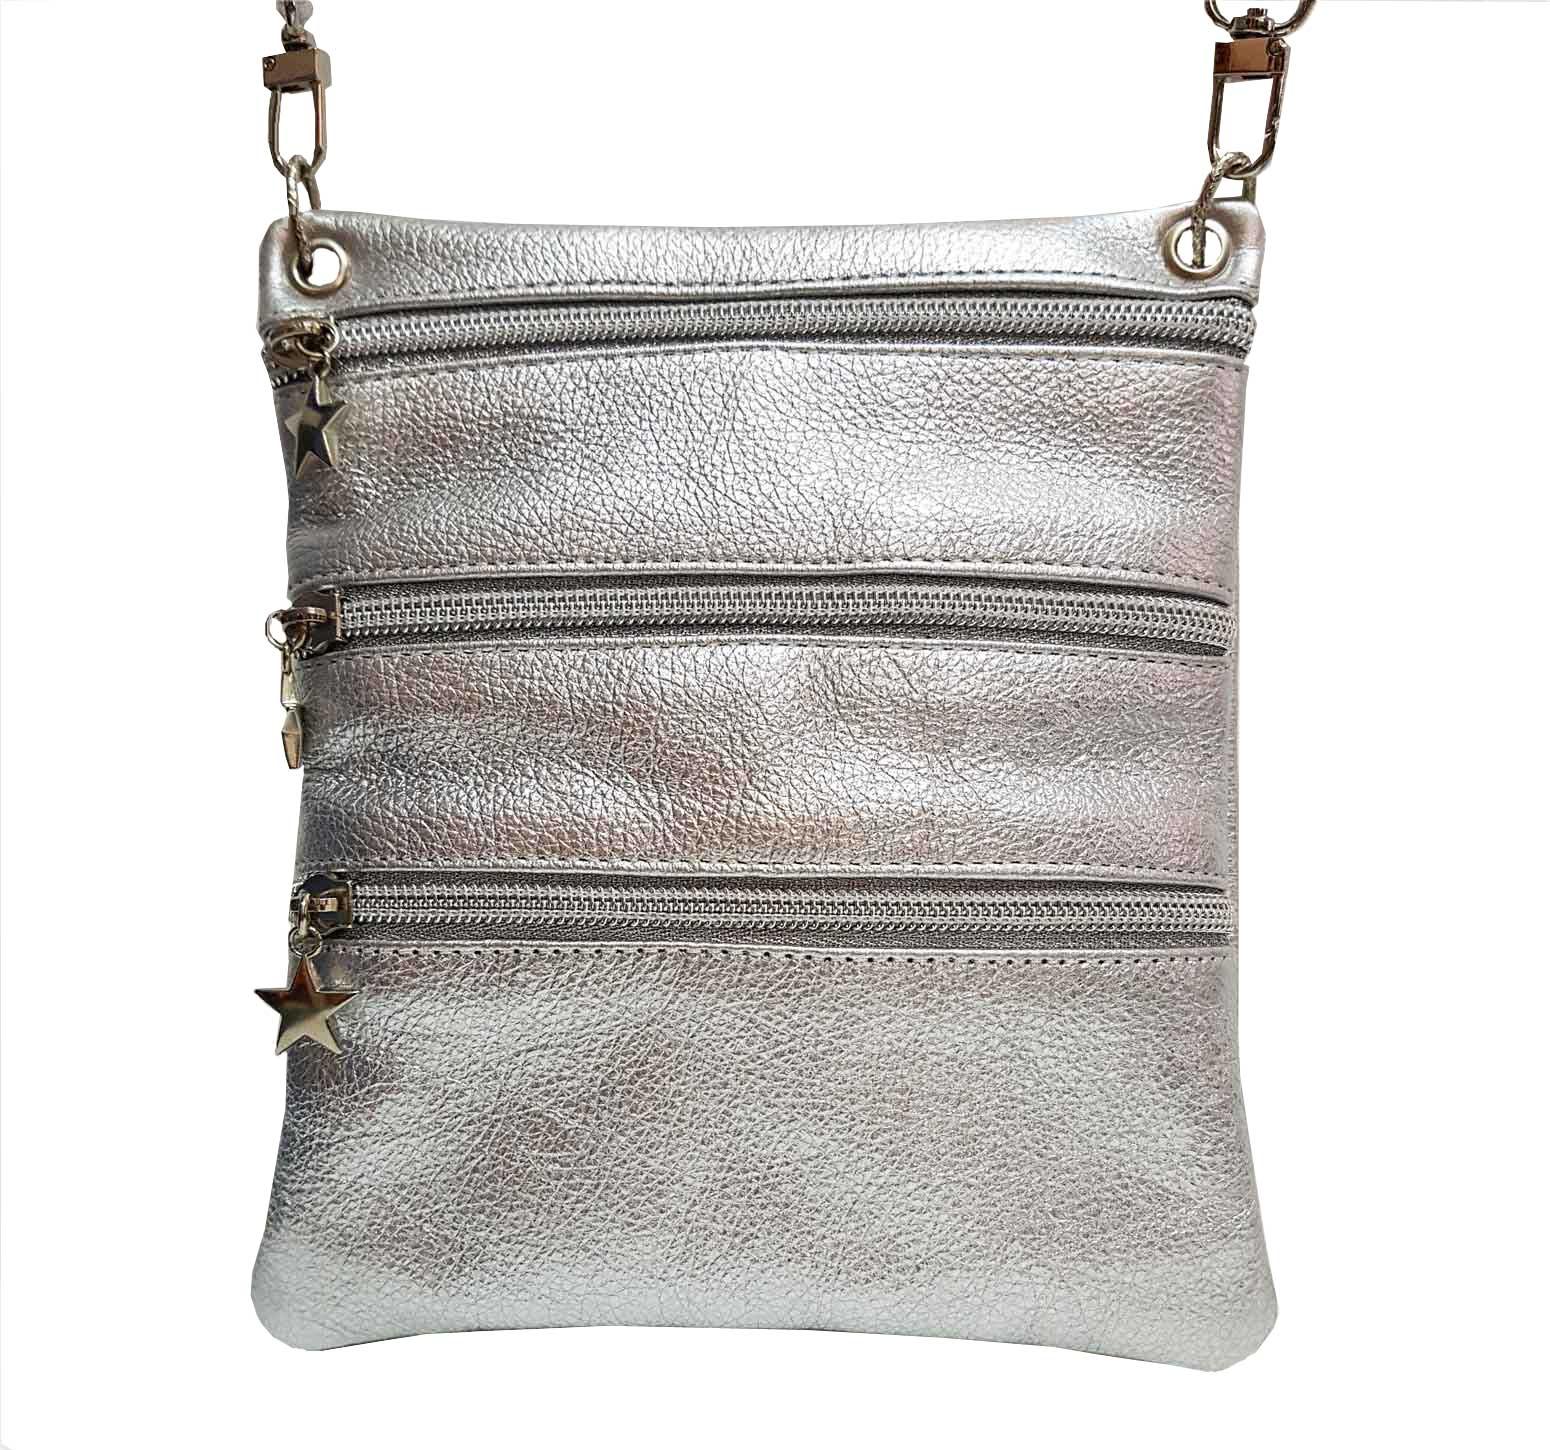 silver leather sidekick mini bag